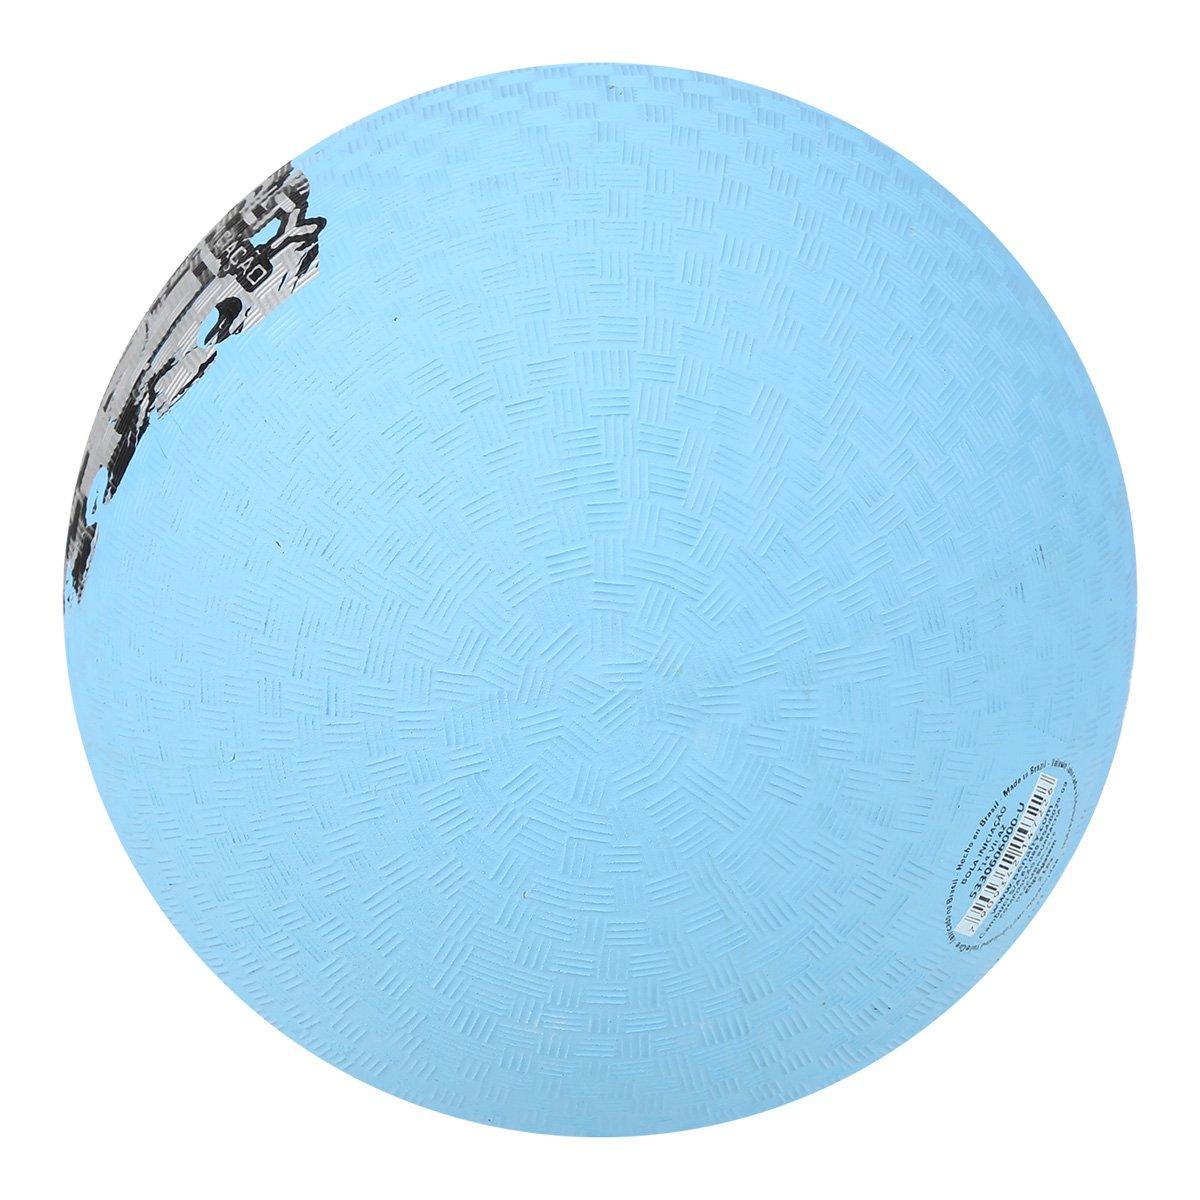 c798f34bae Bola Campo Penalty Iniciação T14 VII - Azul - Compre Agora